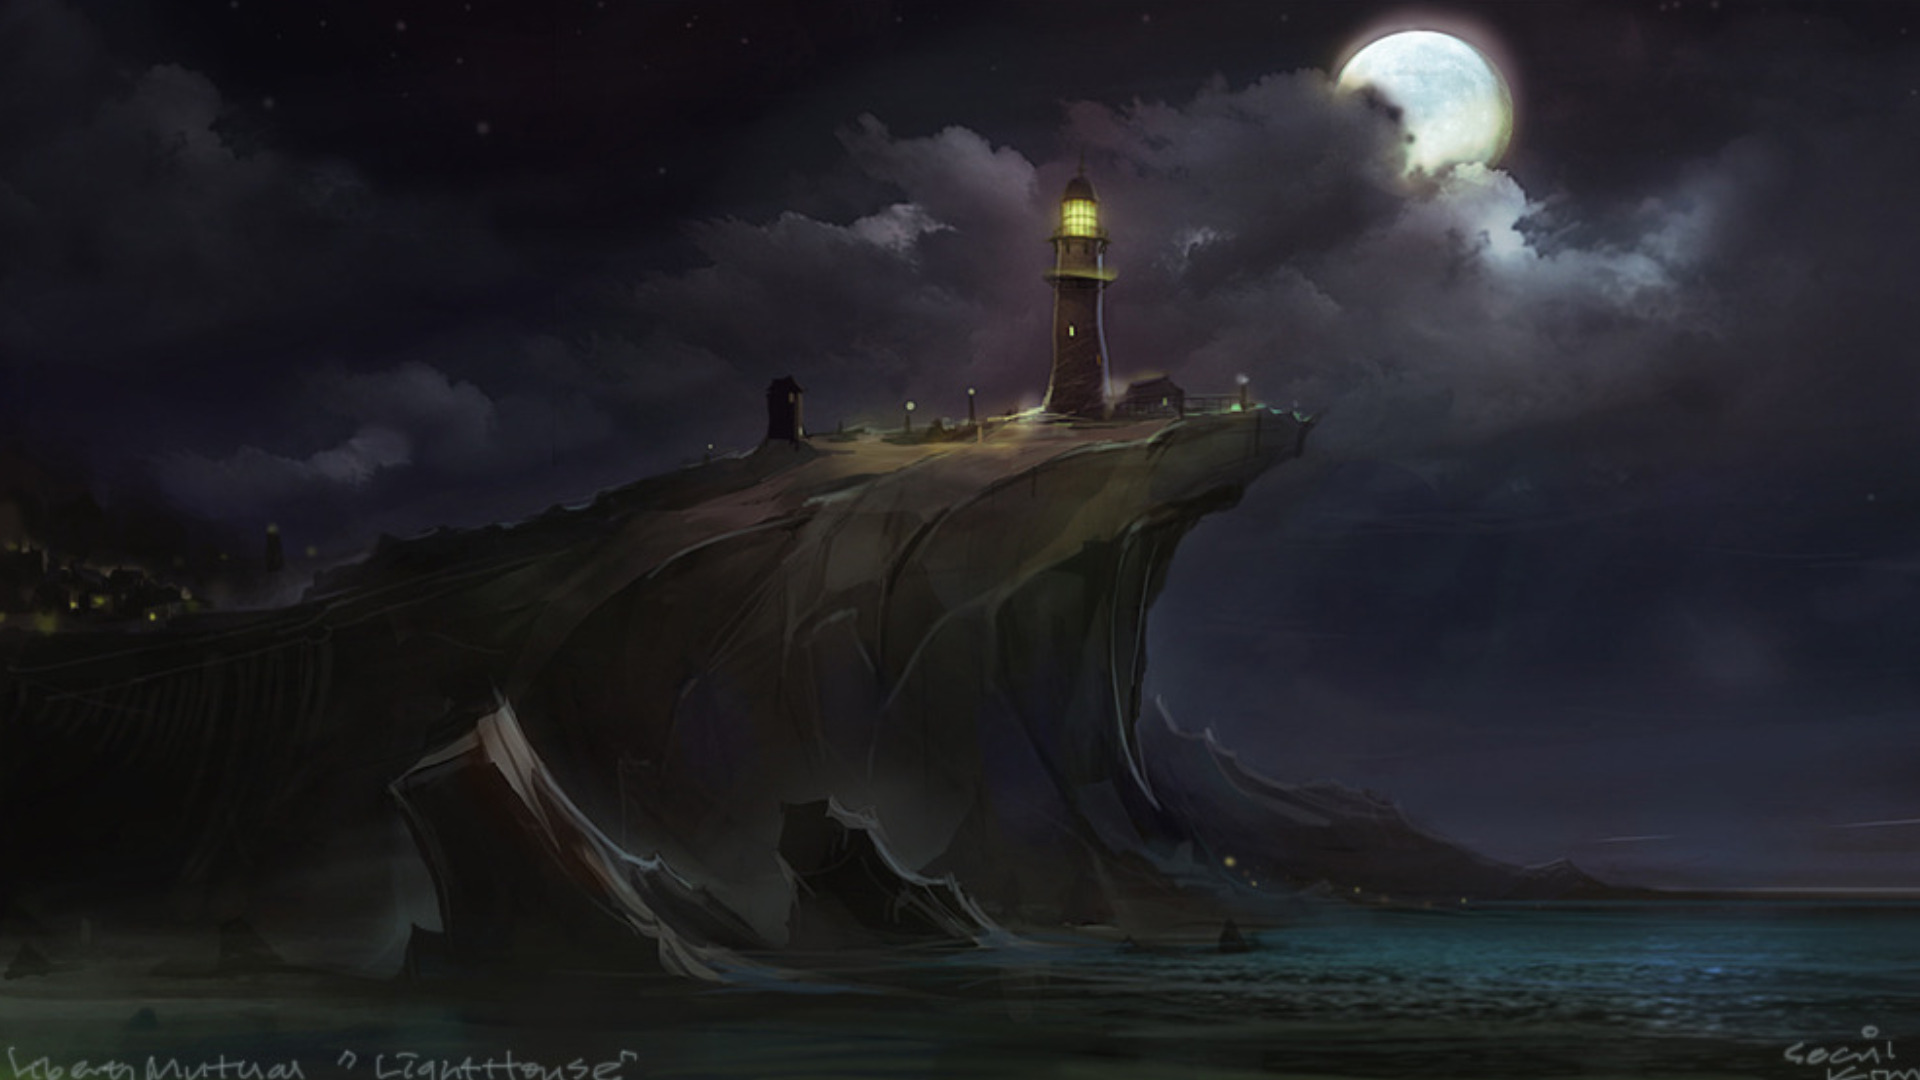 lighthouse wallpaper desktop - photo #44